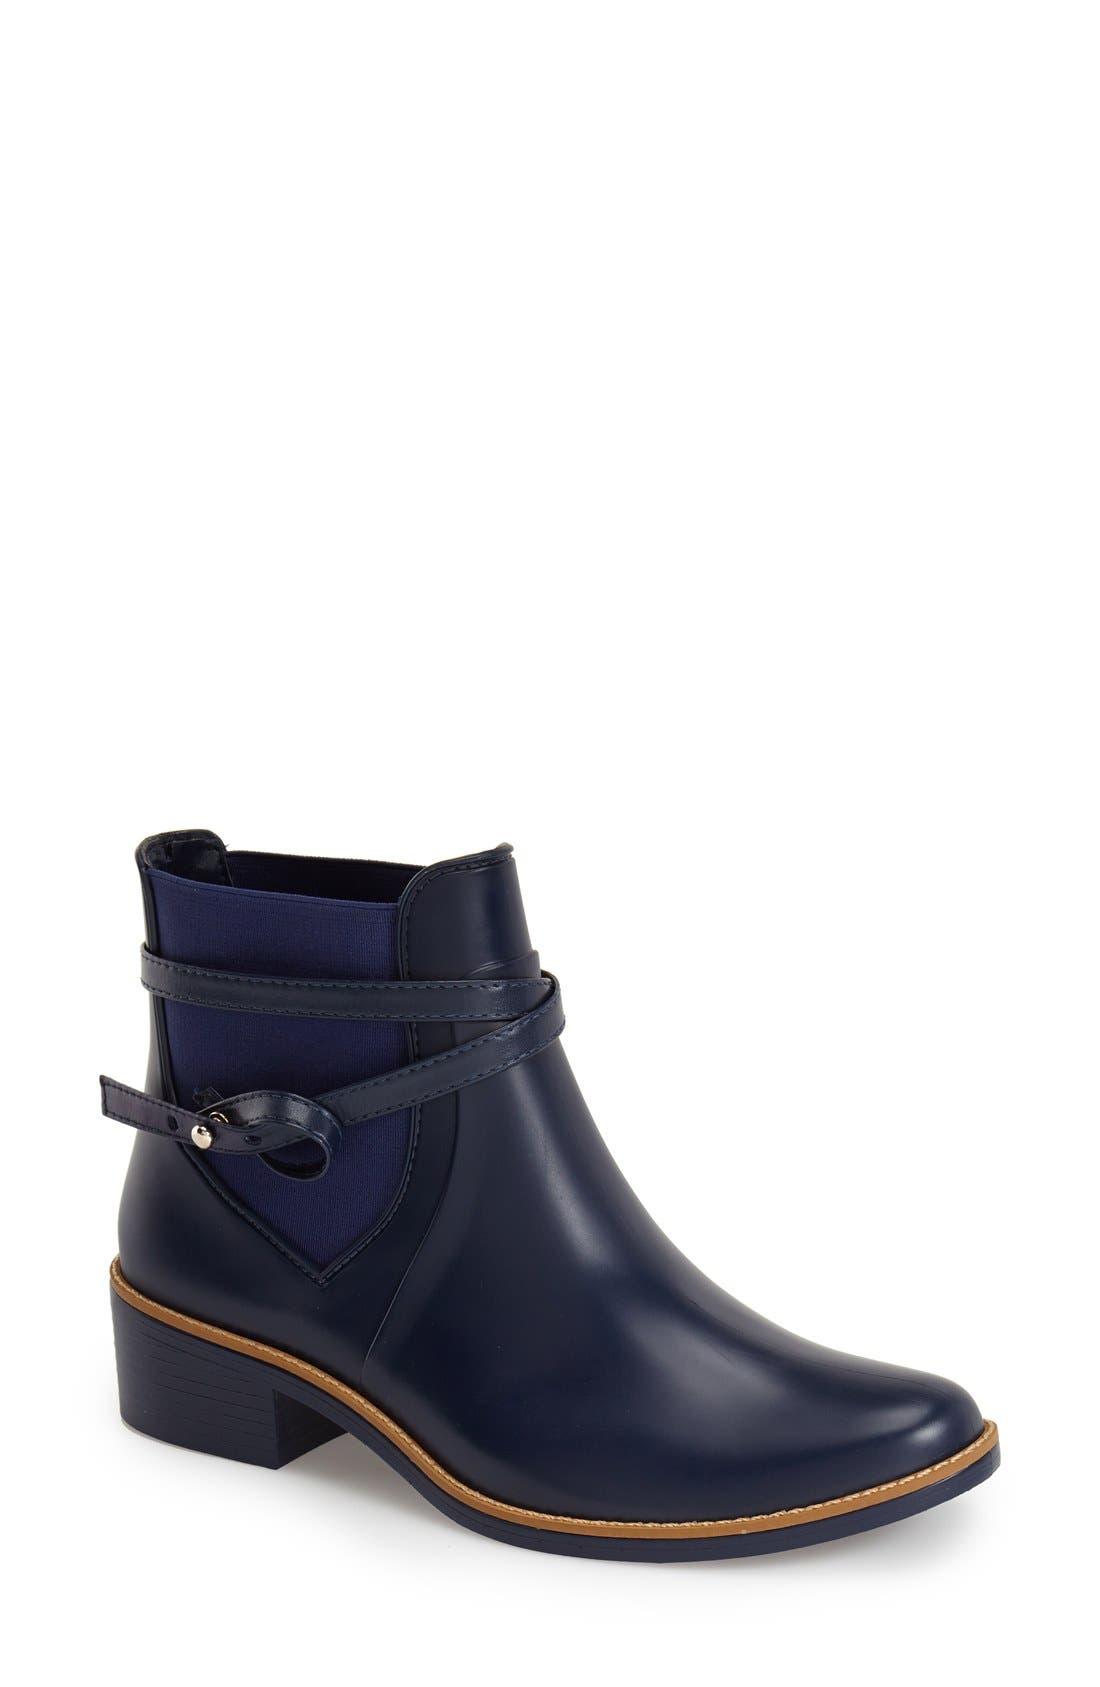 Main Image - Bernardo Peony Short Waterproof Rain Boot (Women)